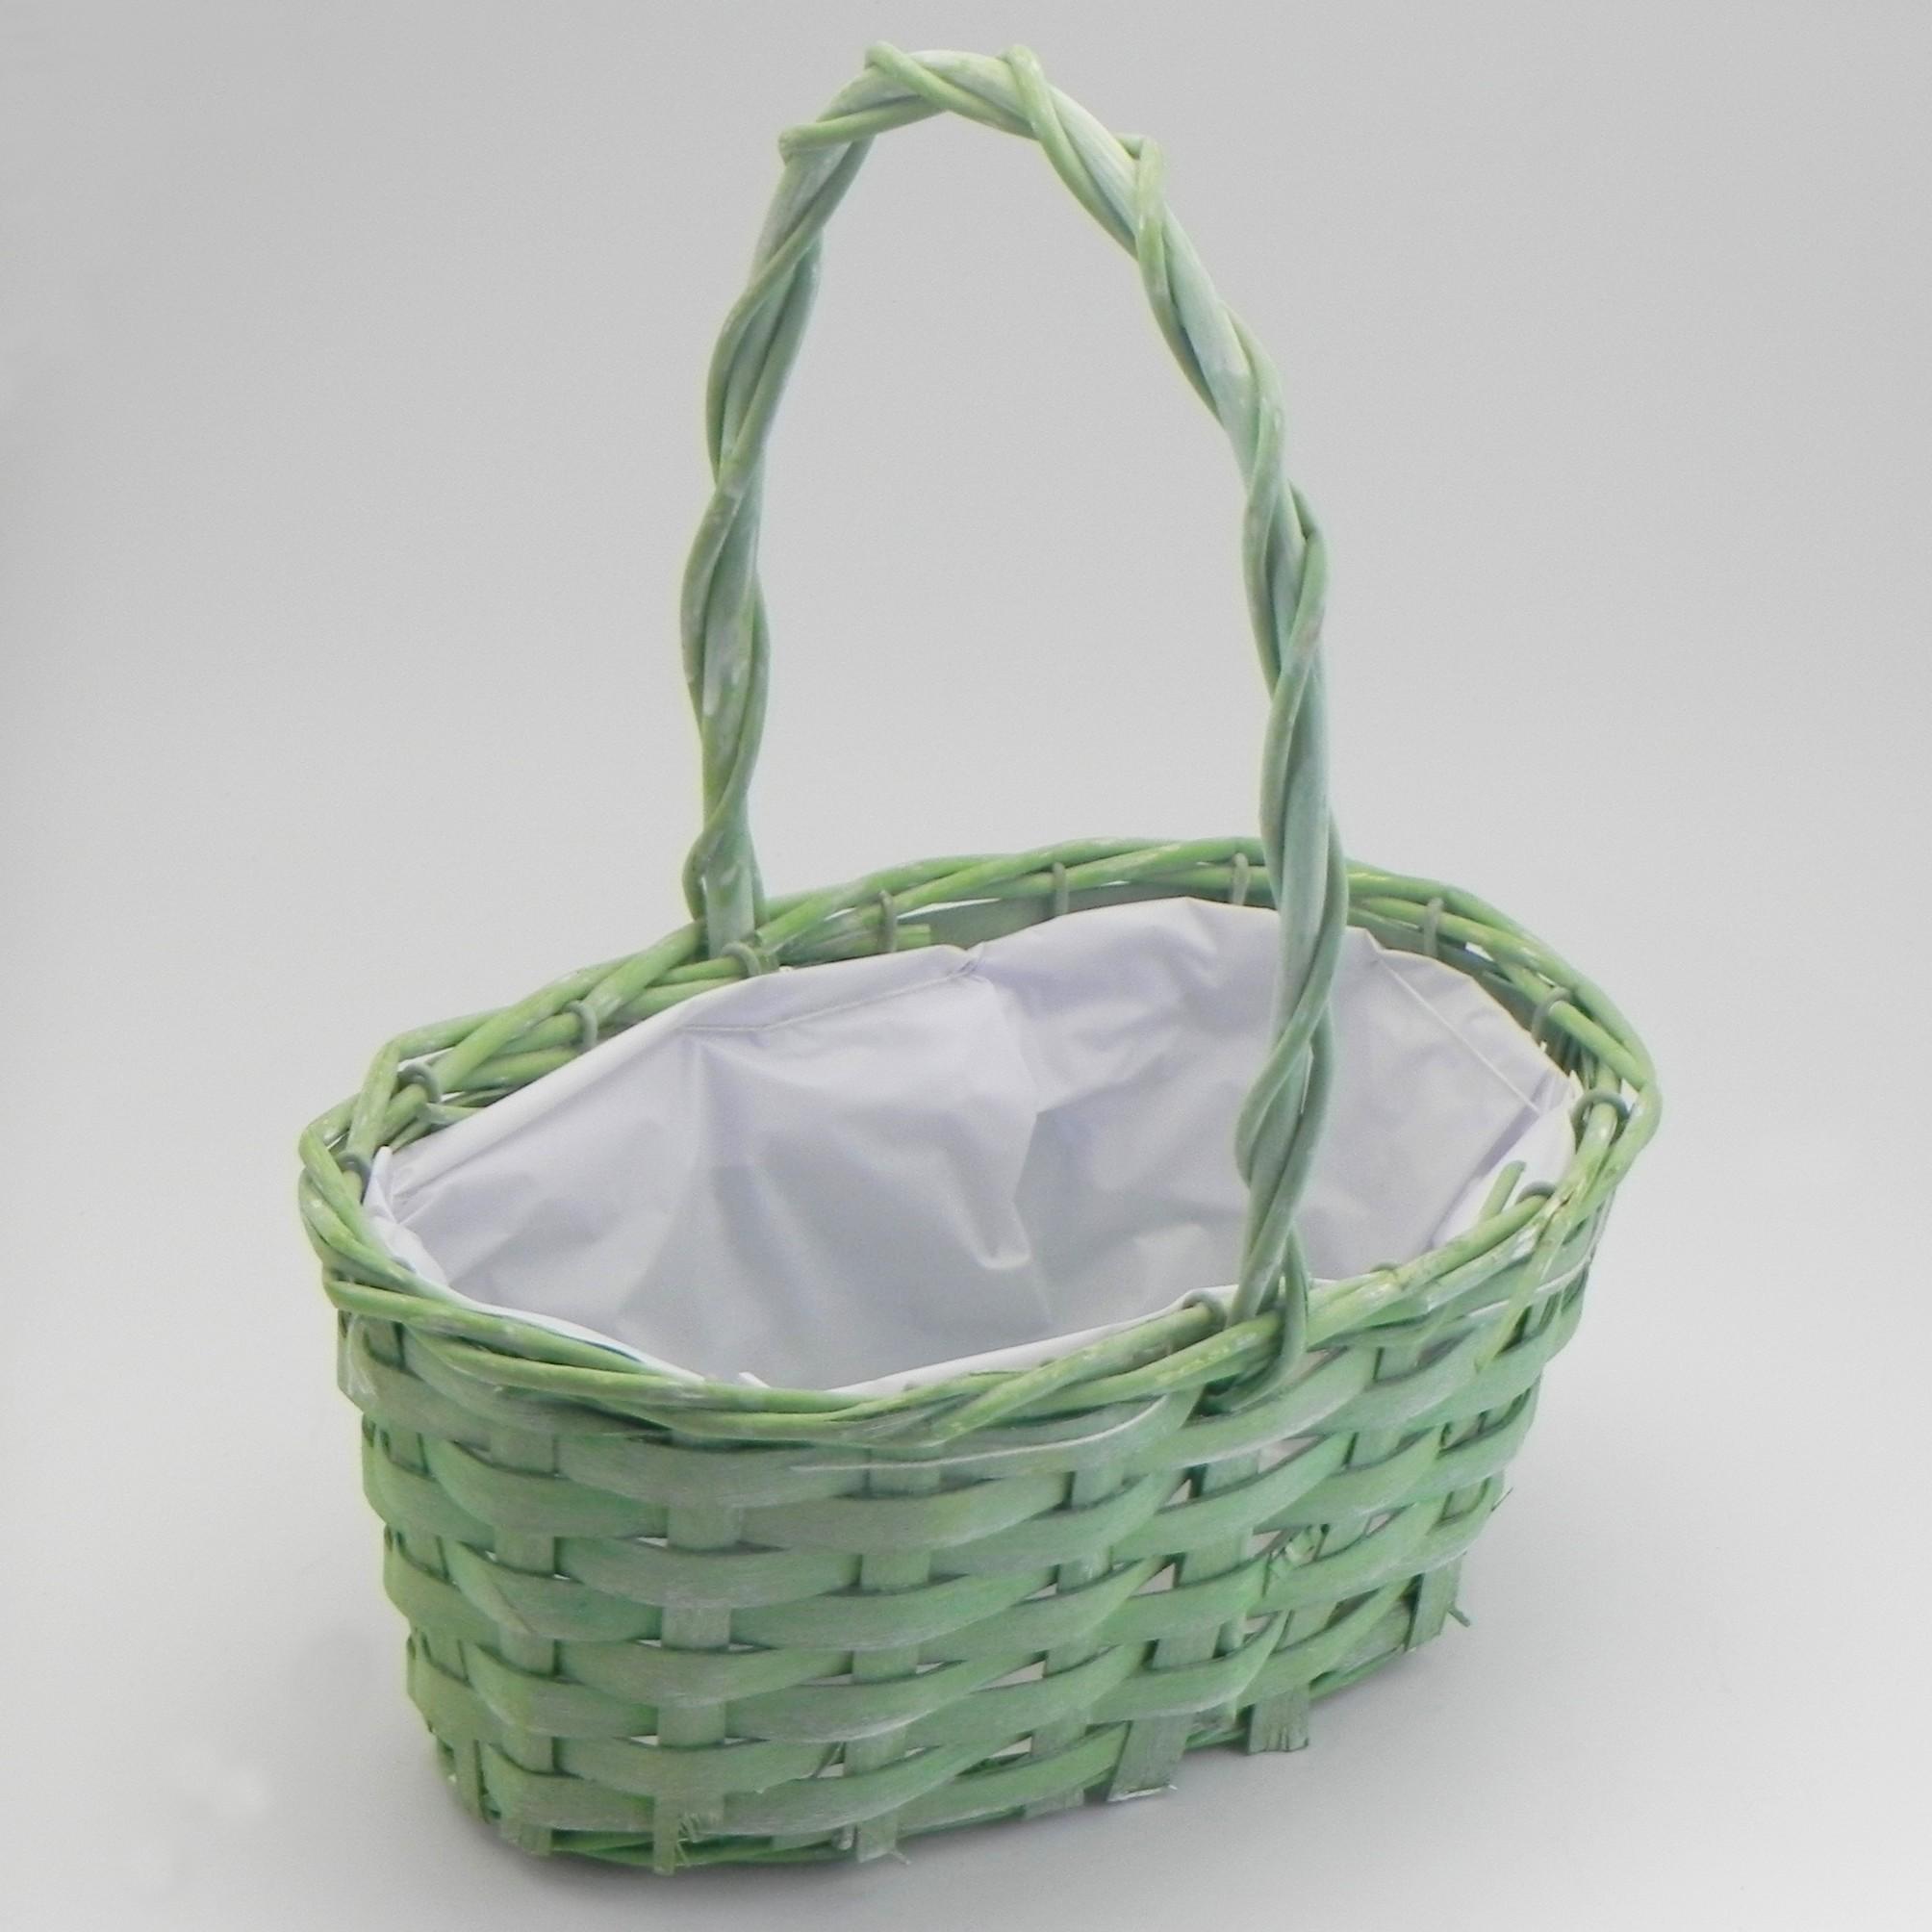 Košík ovál proutí zelená